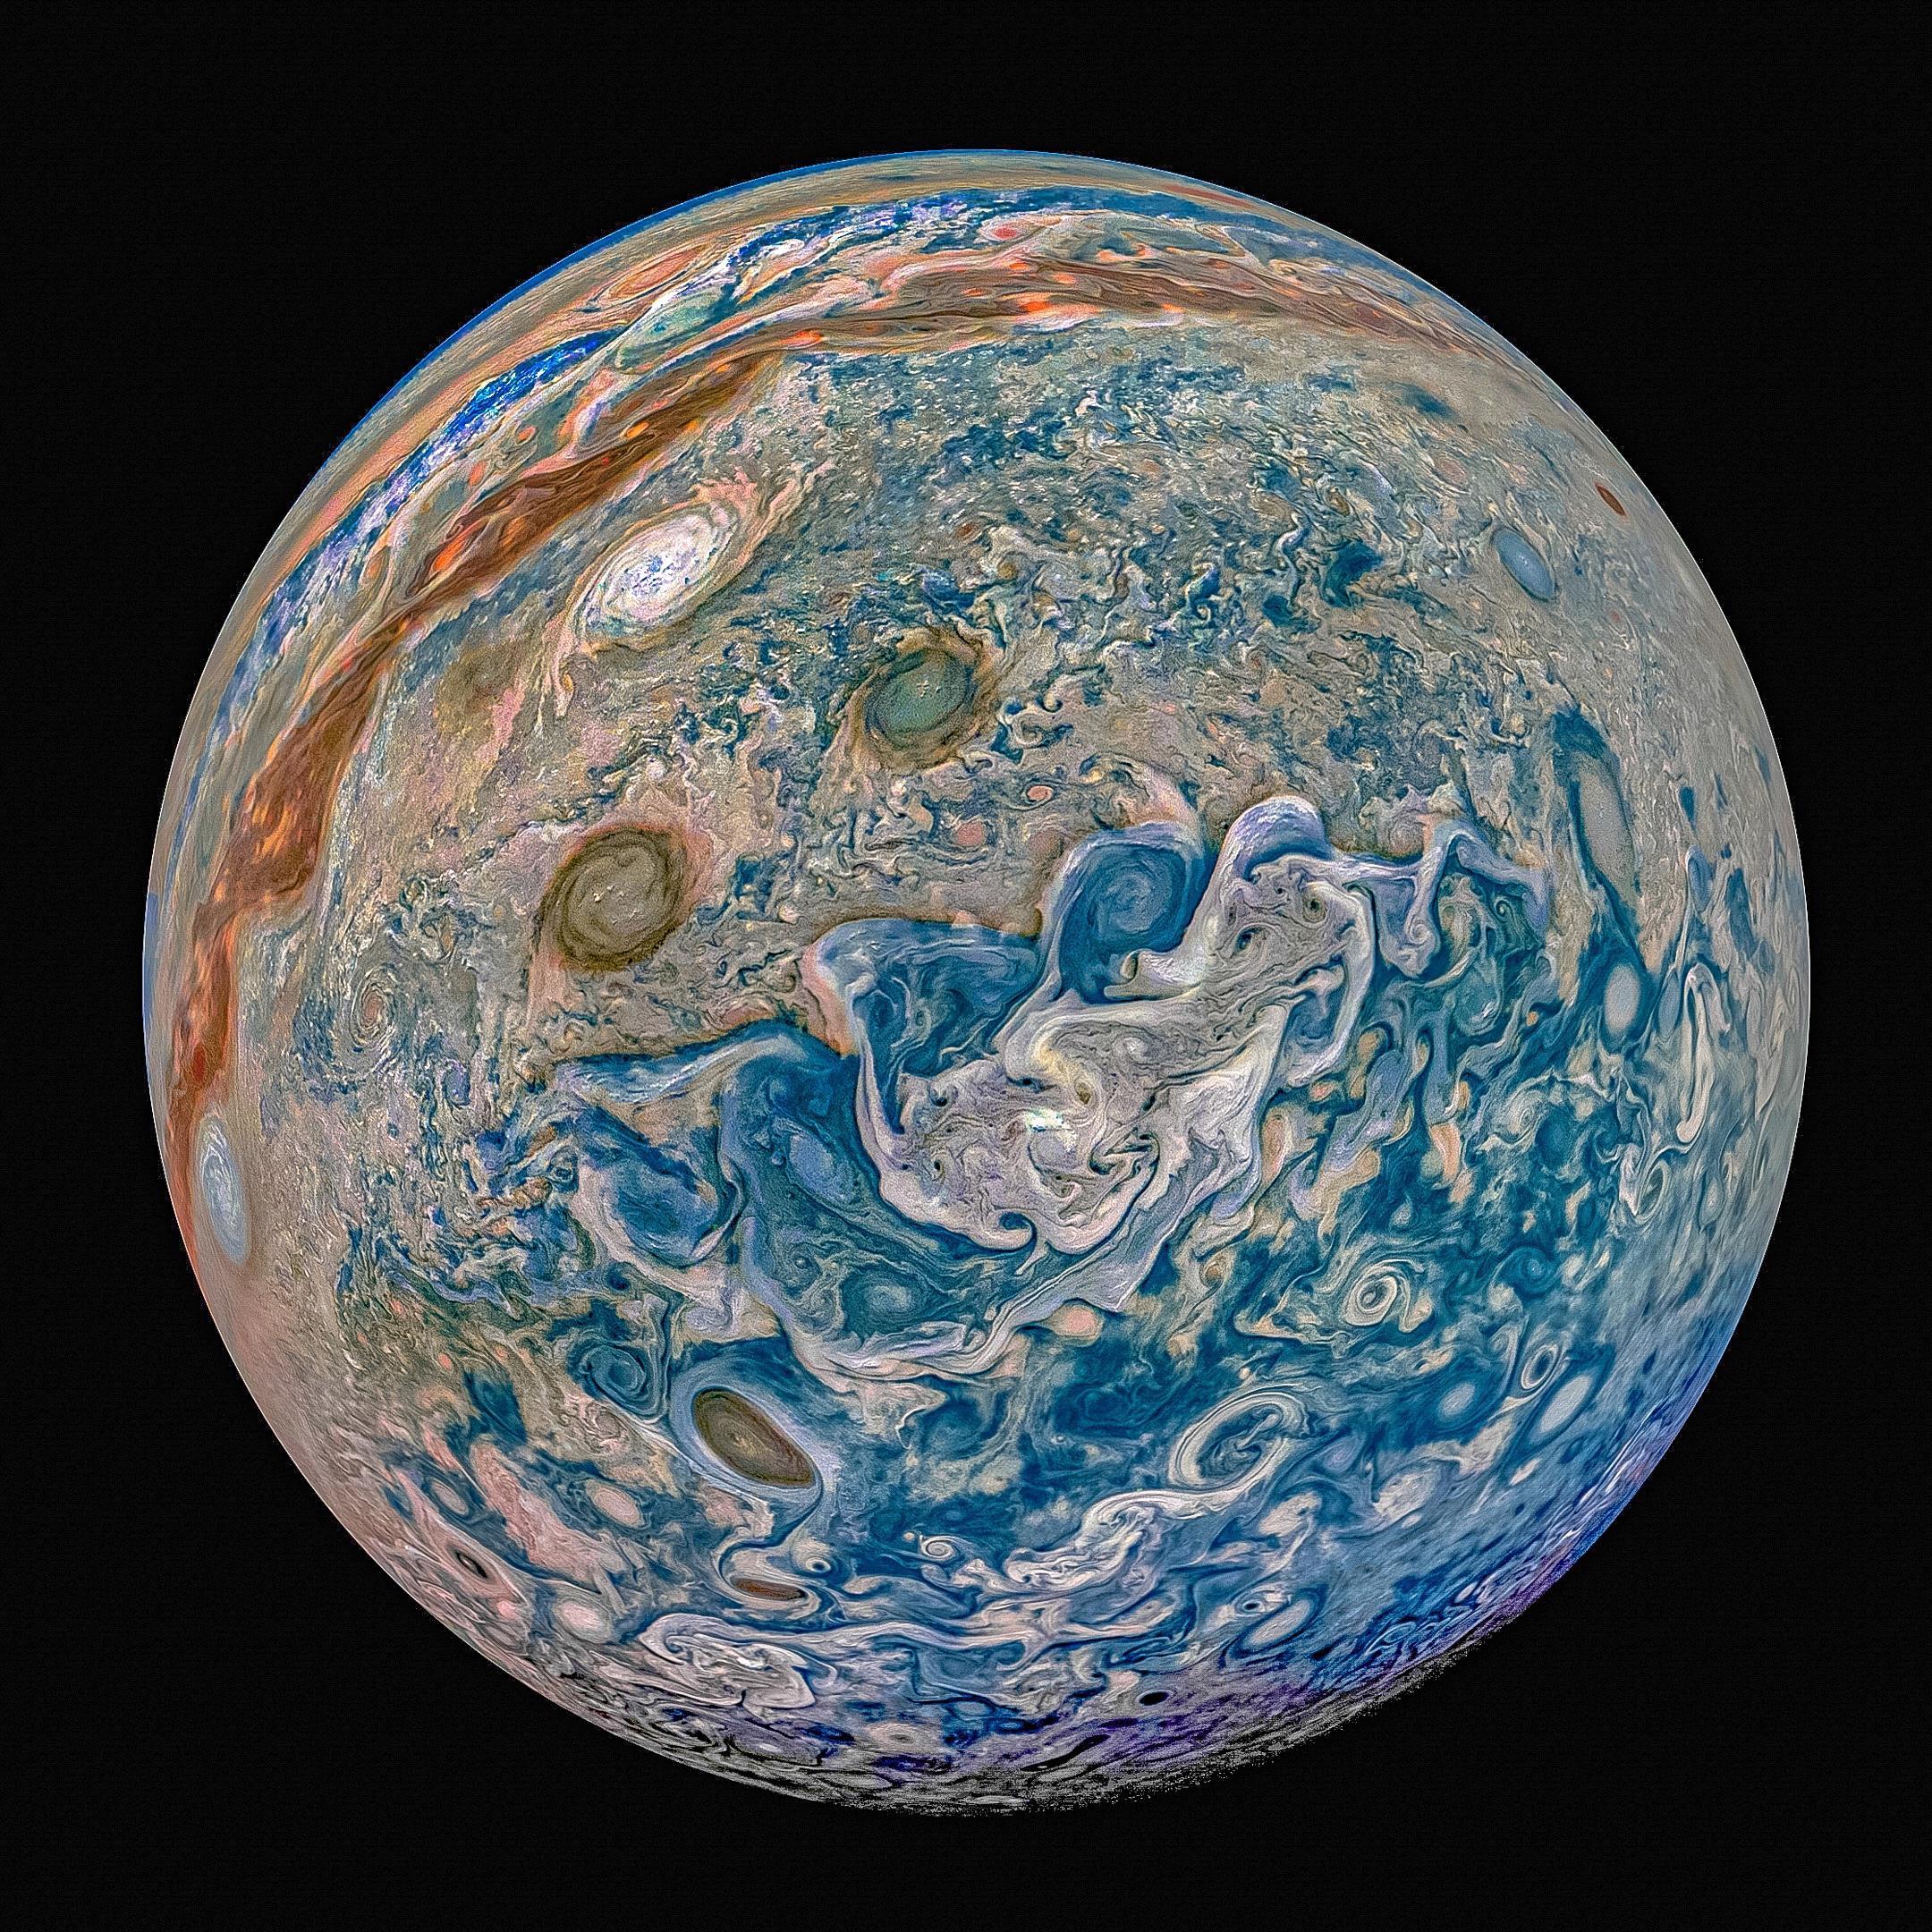 Jupiter the Giant Marble